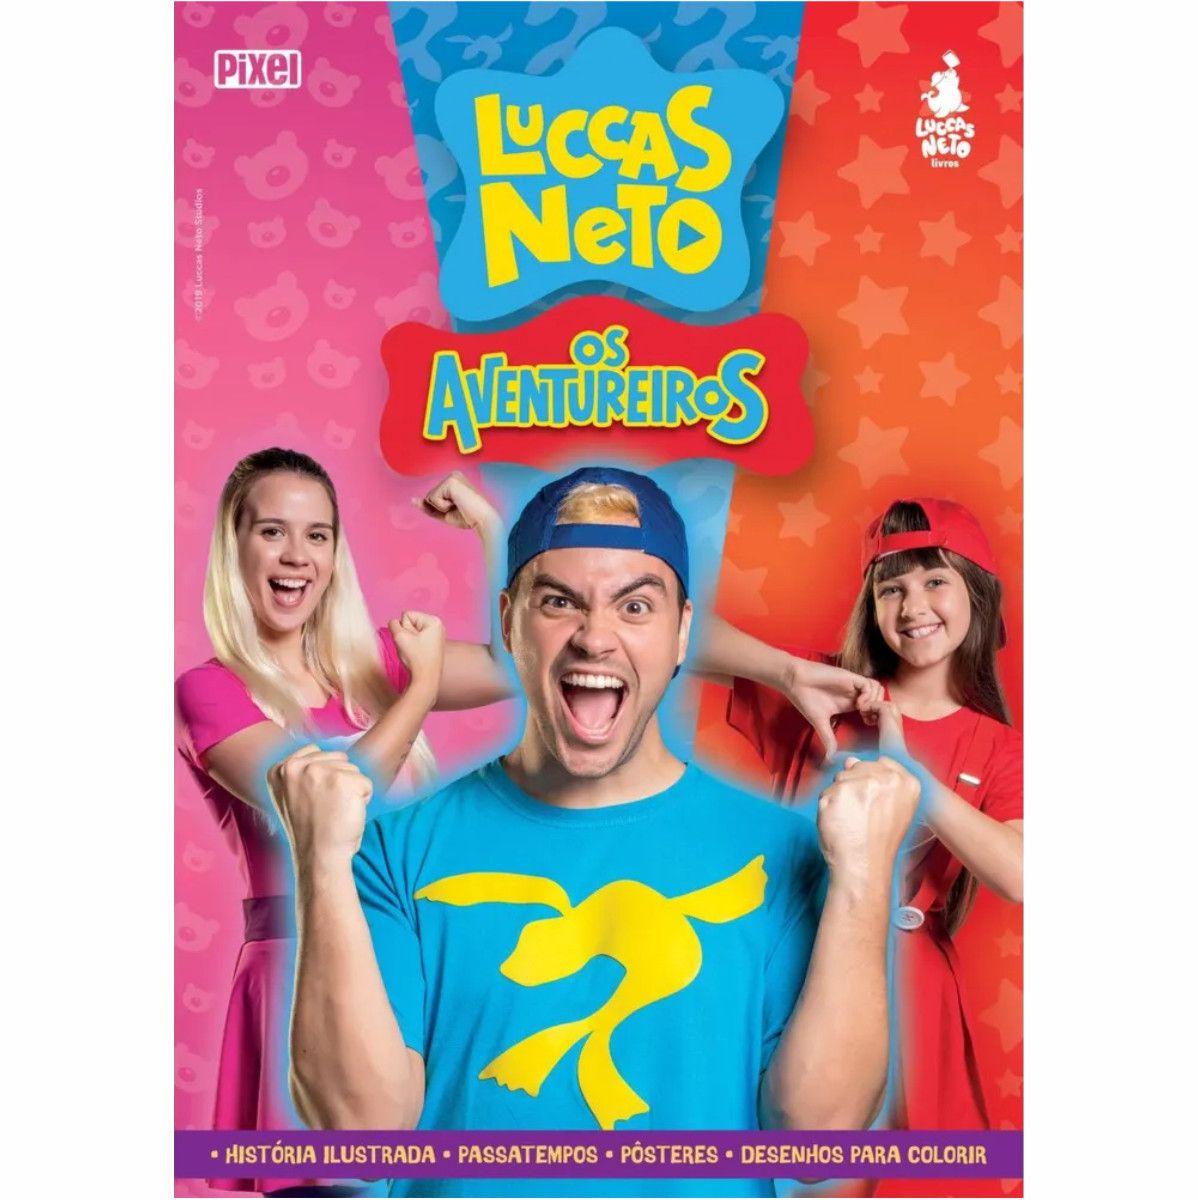 Boneco Luccas Neto Rosita com Livroes Aventureiros e Brincando com Luccas